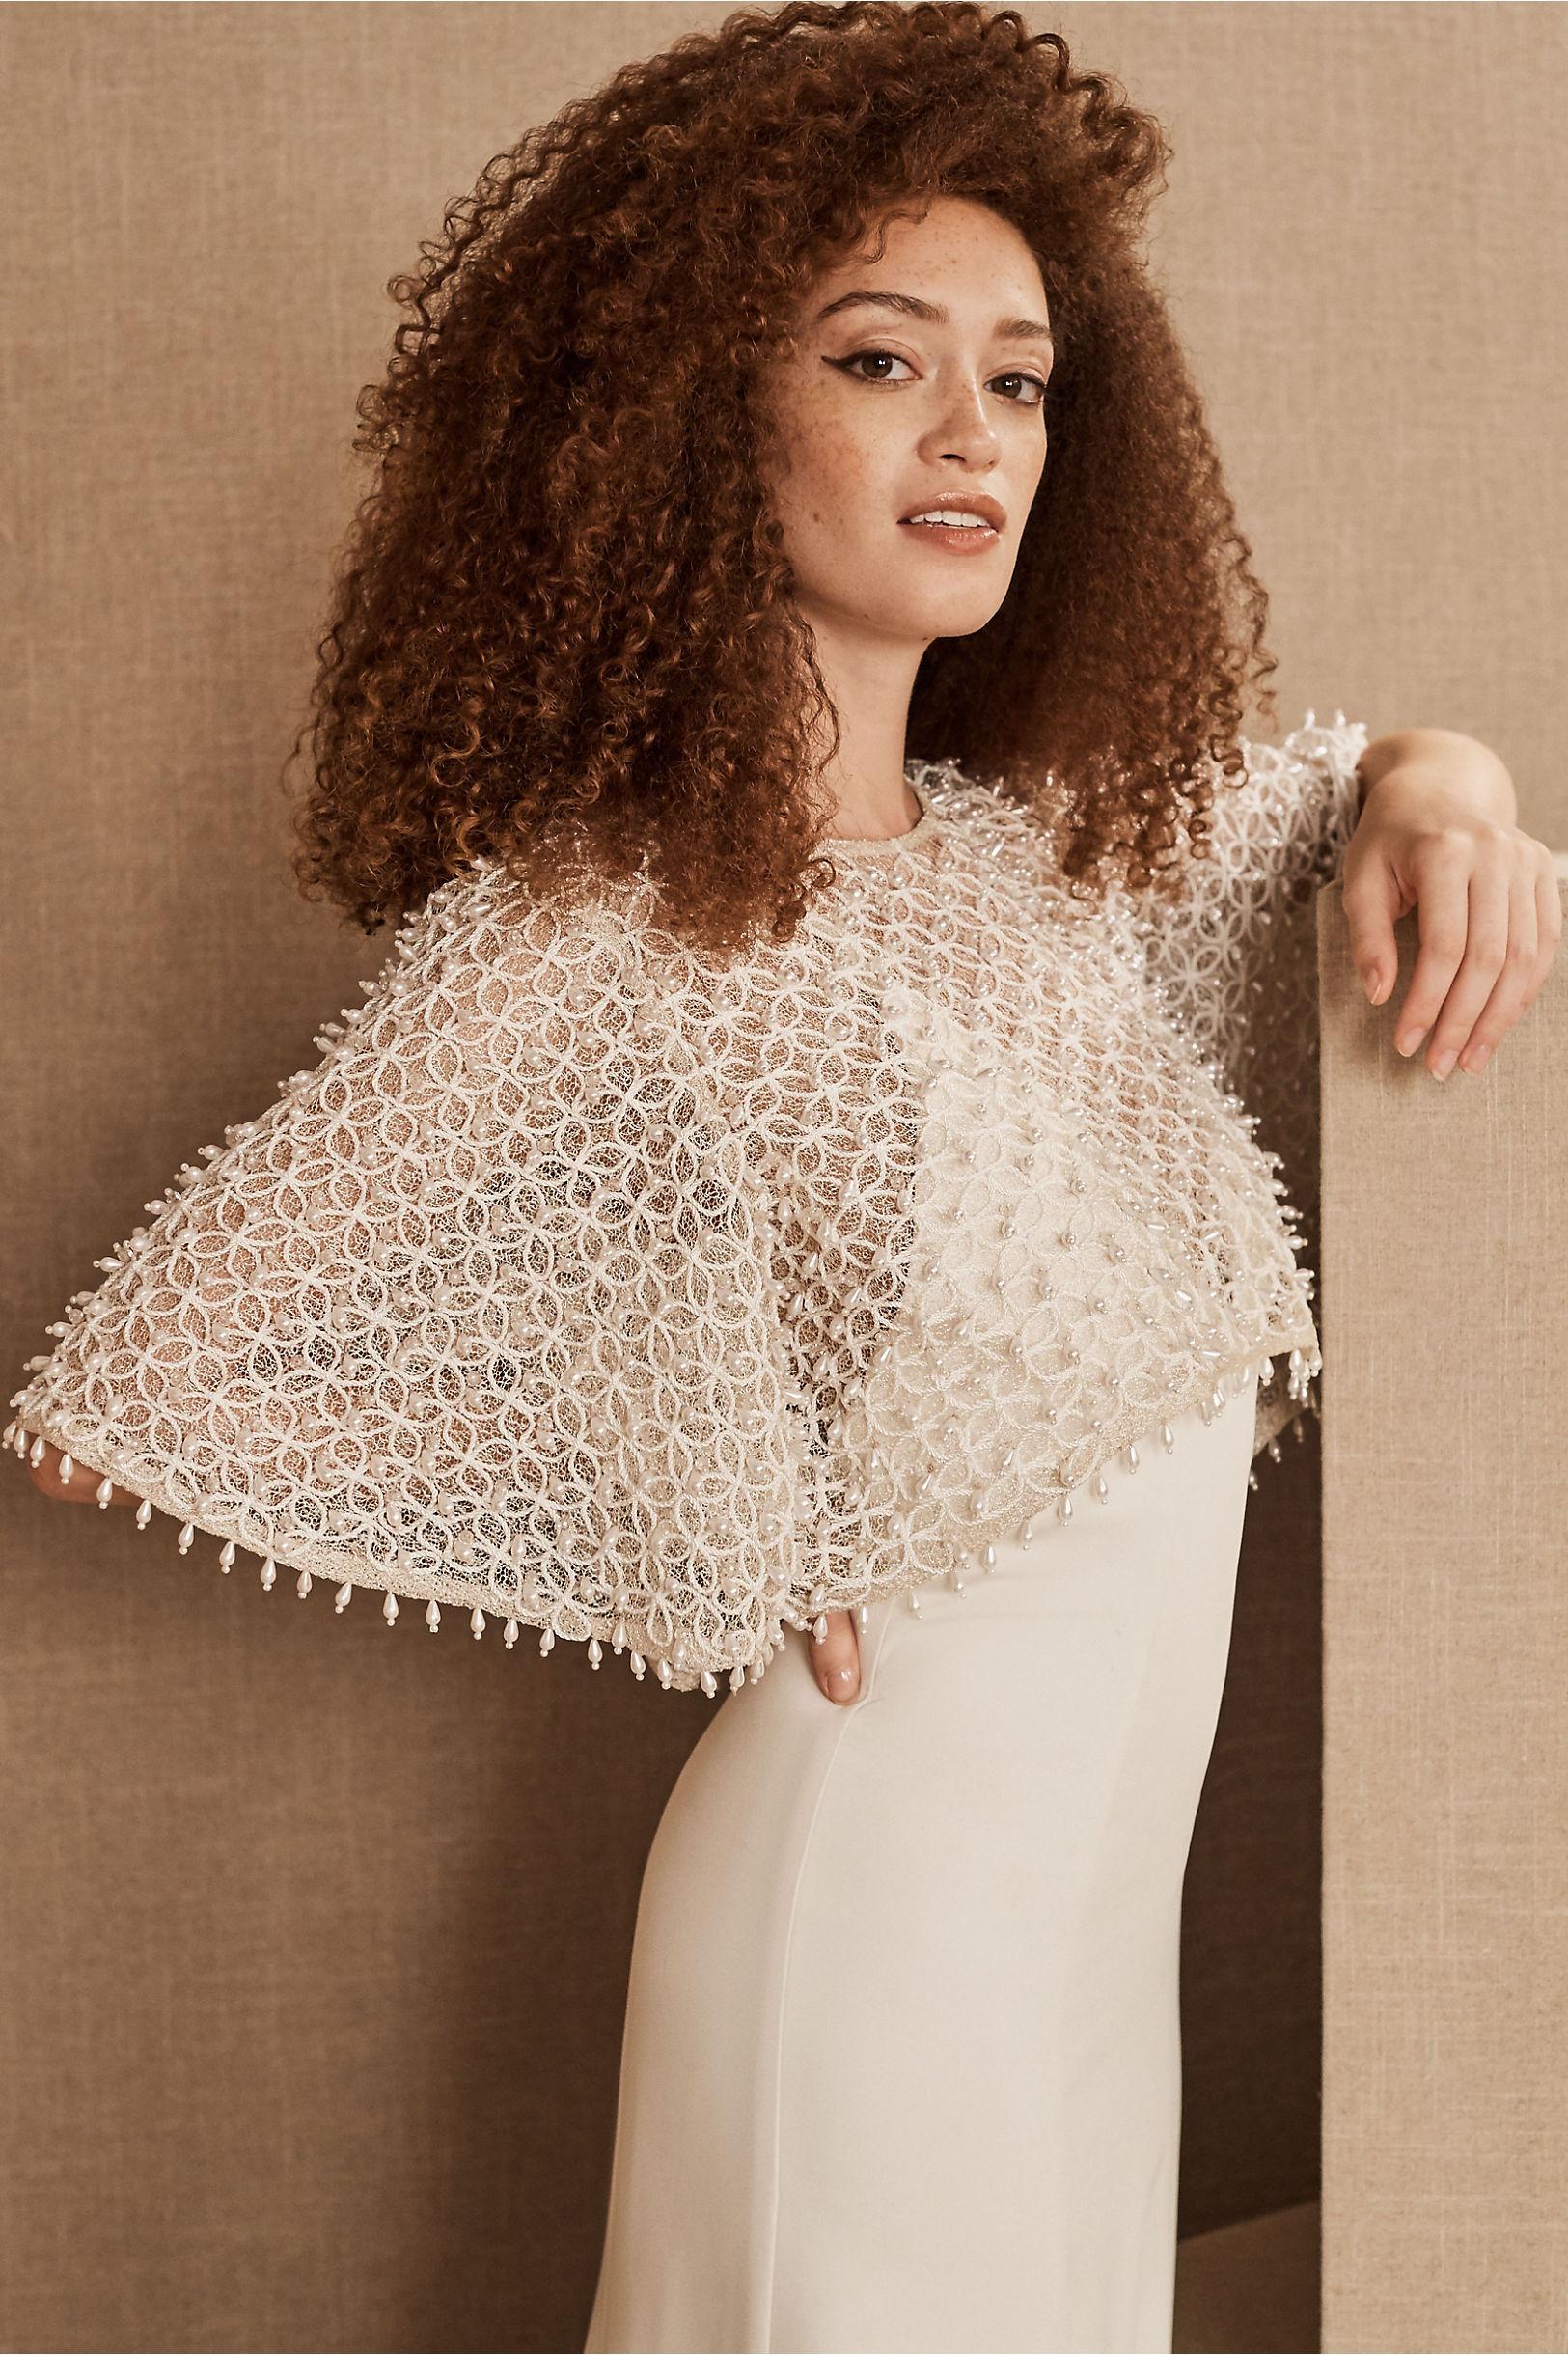 BHLDN Glynn Wedding Dress Topper with Pearls